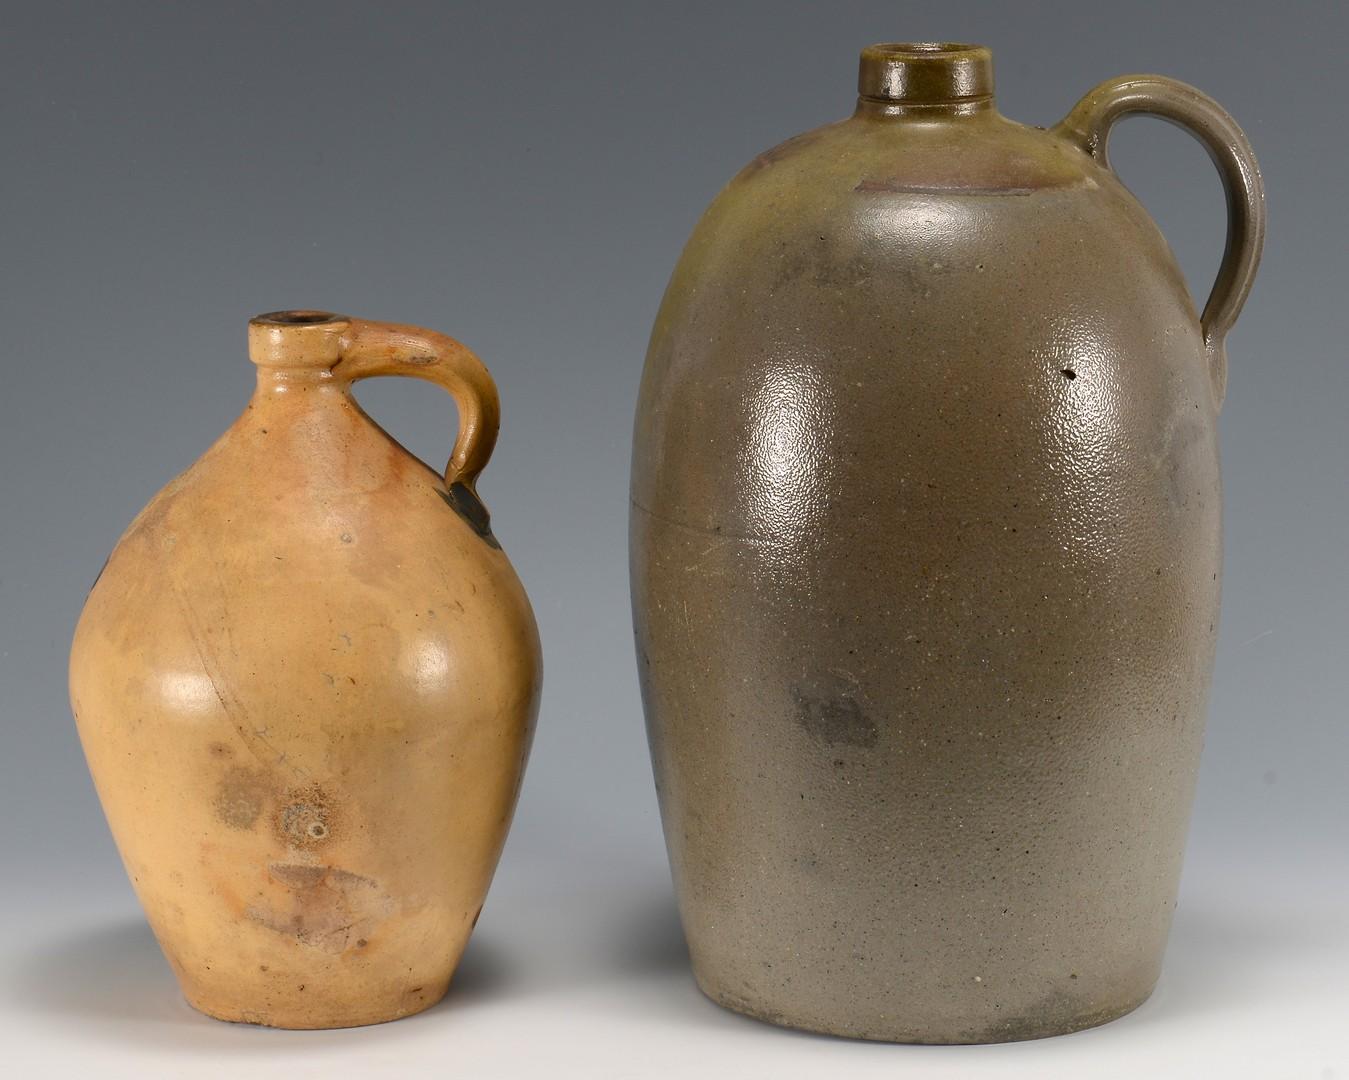 Lot 474: 2 Stoneware Pottery Jugs, 1 Southern